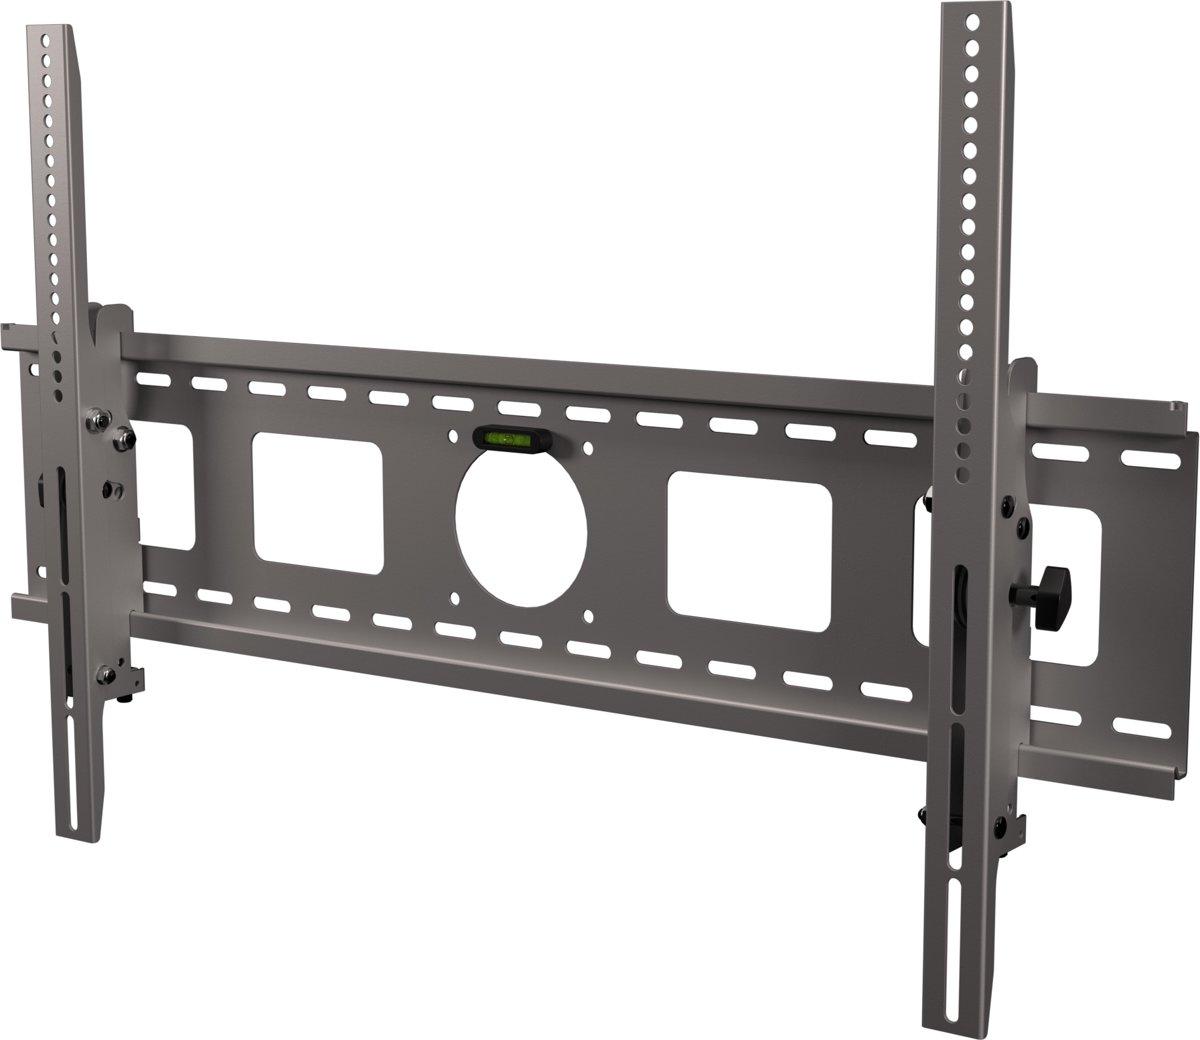 Dataflex - Vaste muurbeugel - Geschikt voor tv's van 42 t/m 80 inch - Zilver kopen